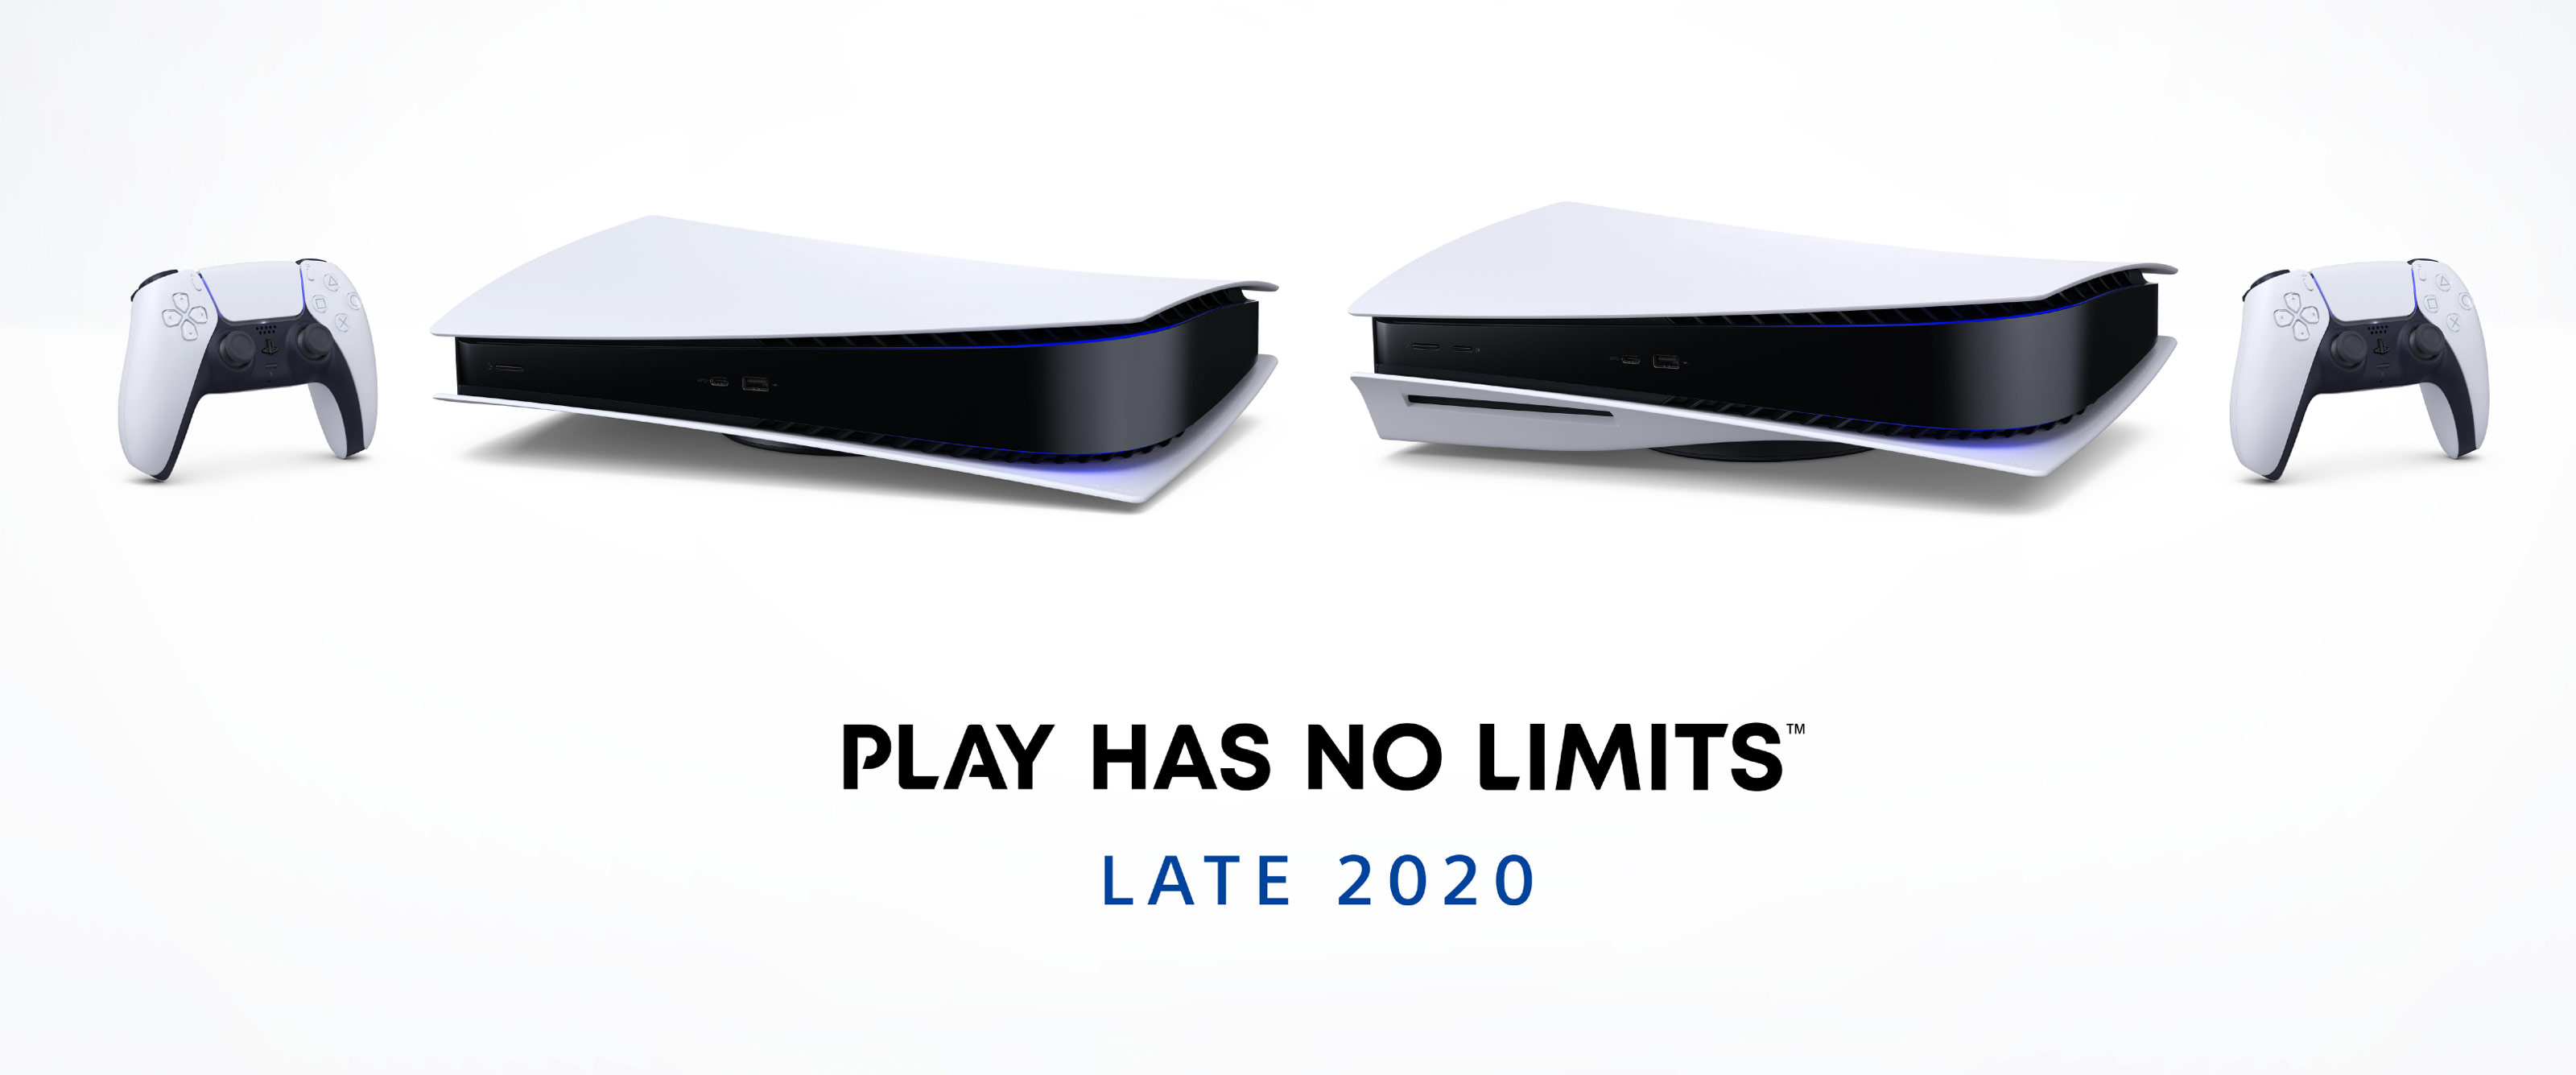 PS5 2020 - Play No Limits